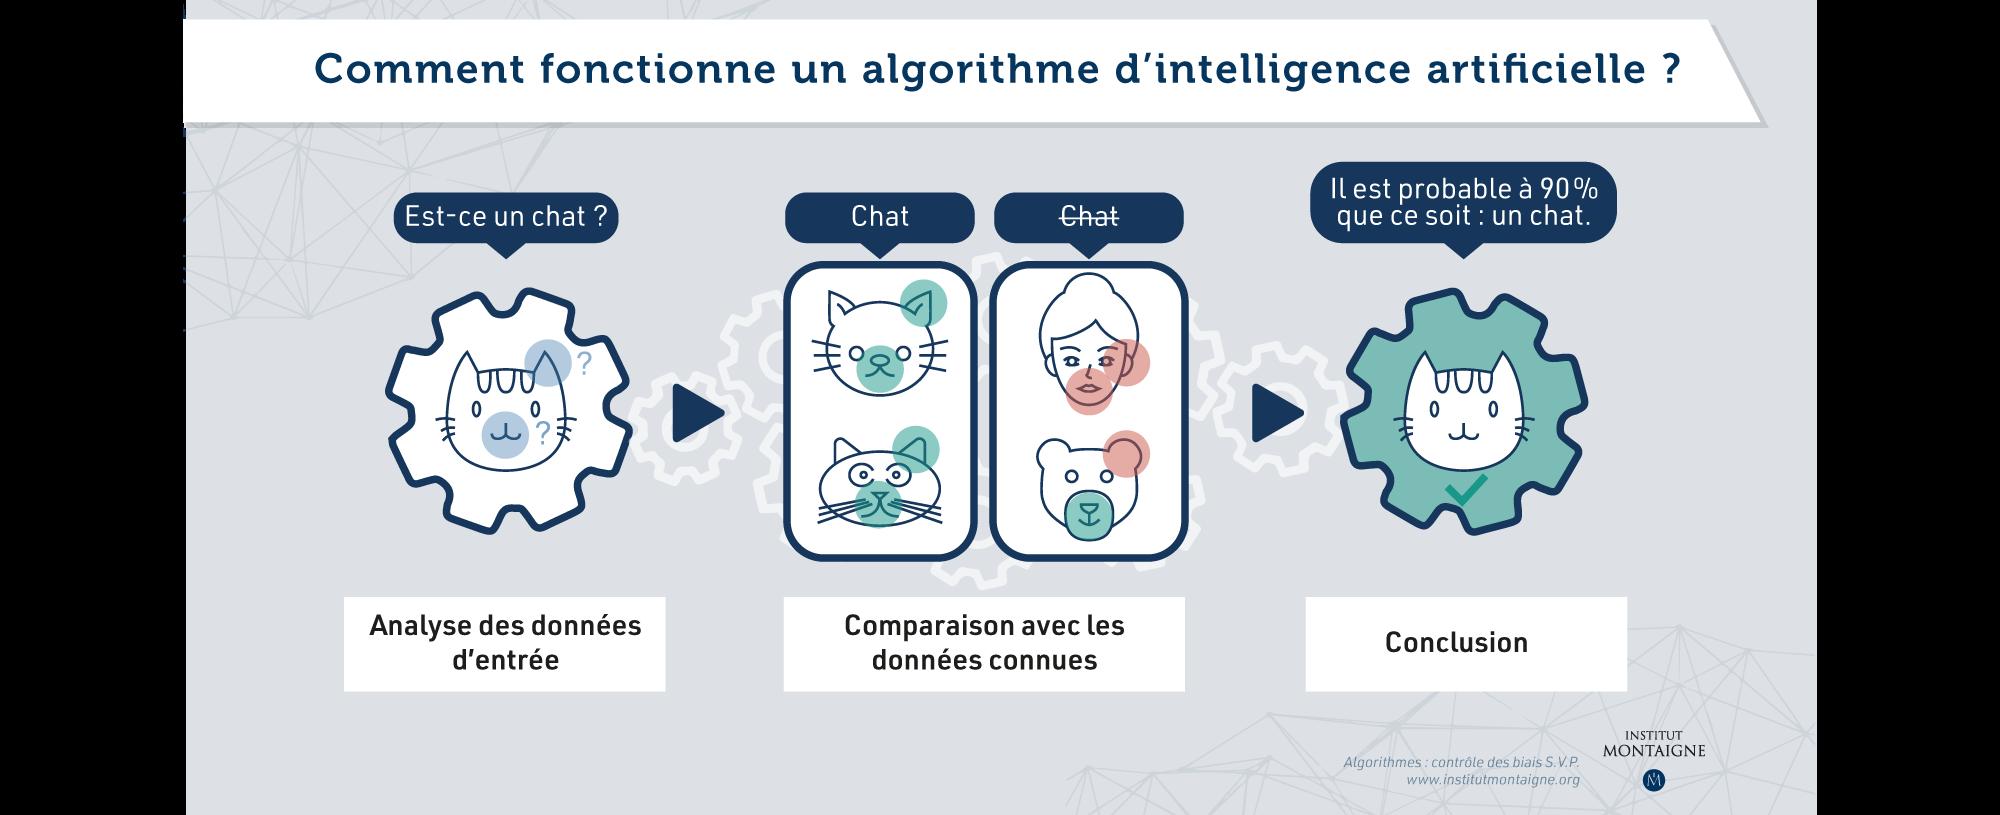 Algorithmes : contrôle des biais S.V.P. - Infographie : Comment fonctionne un algorithme d'intelligence artificielle